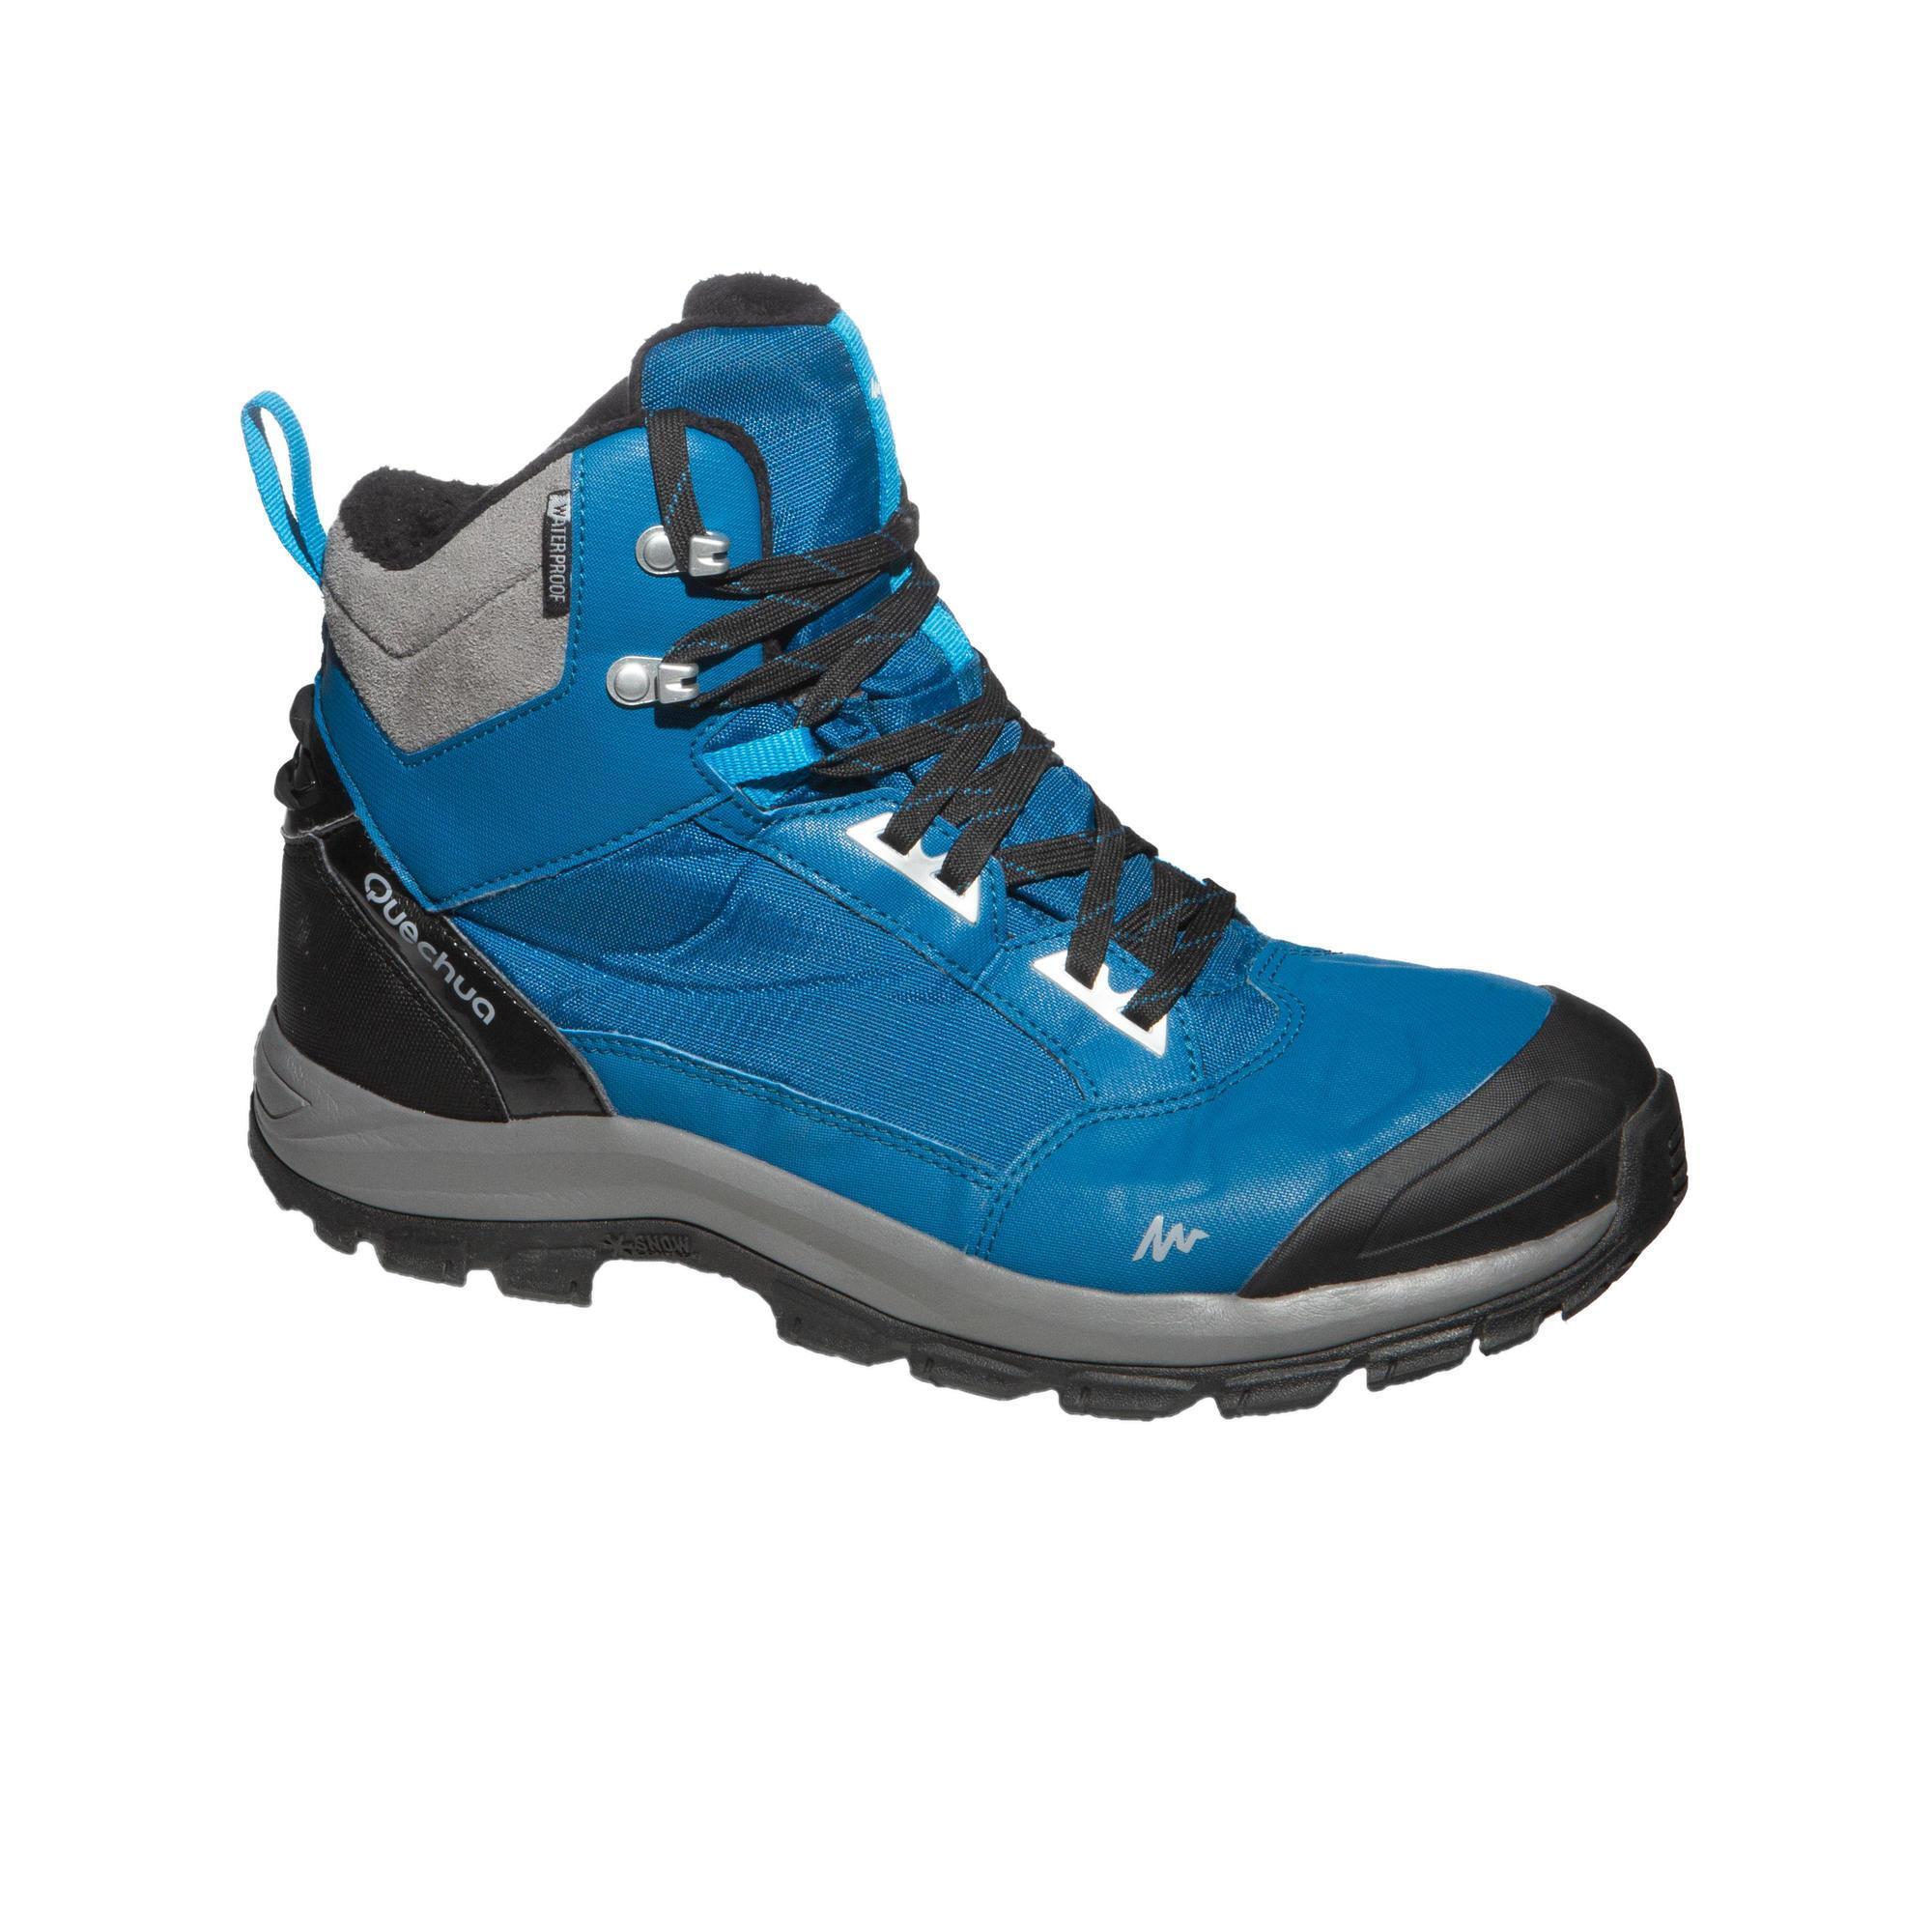 15ff0a6ea6ec00 Quechua wandelen schoenen heren wandelschoenen voor de sneeuw sh520 x warm  mid. onze ontwerpers .